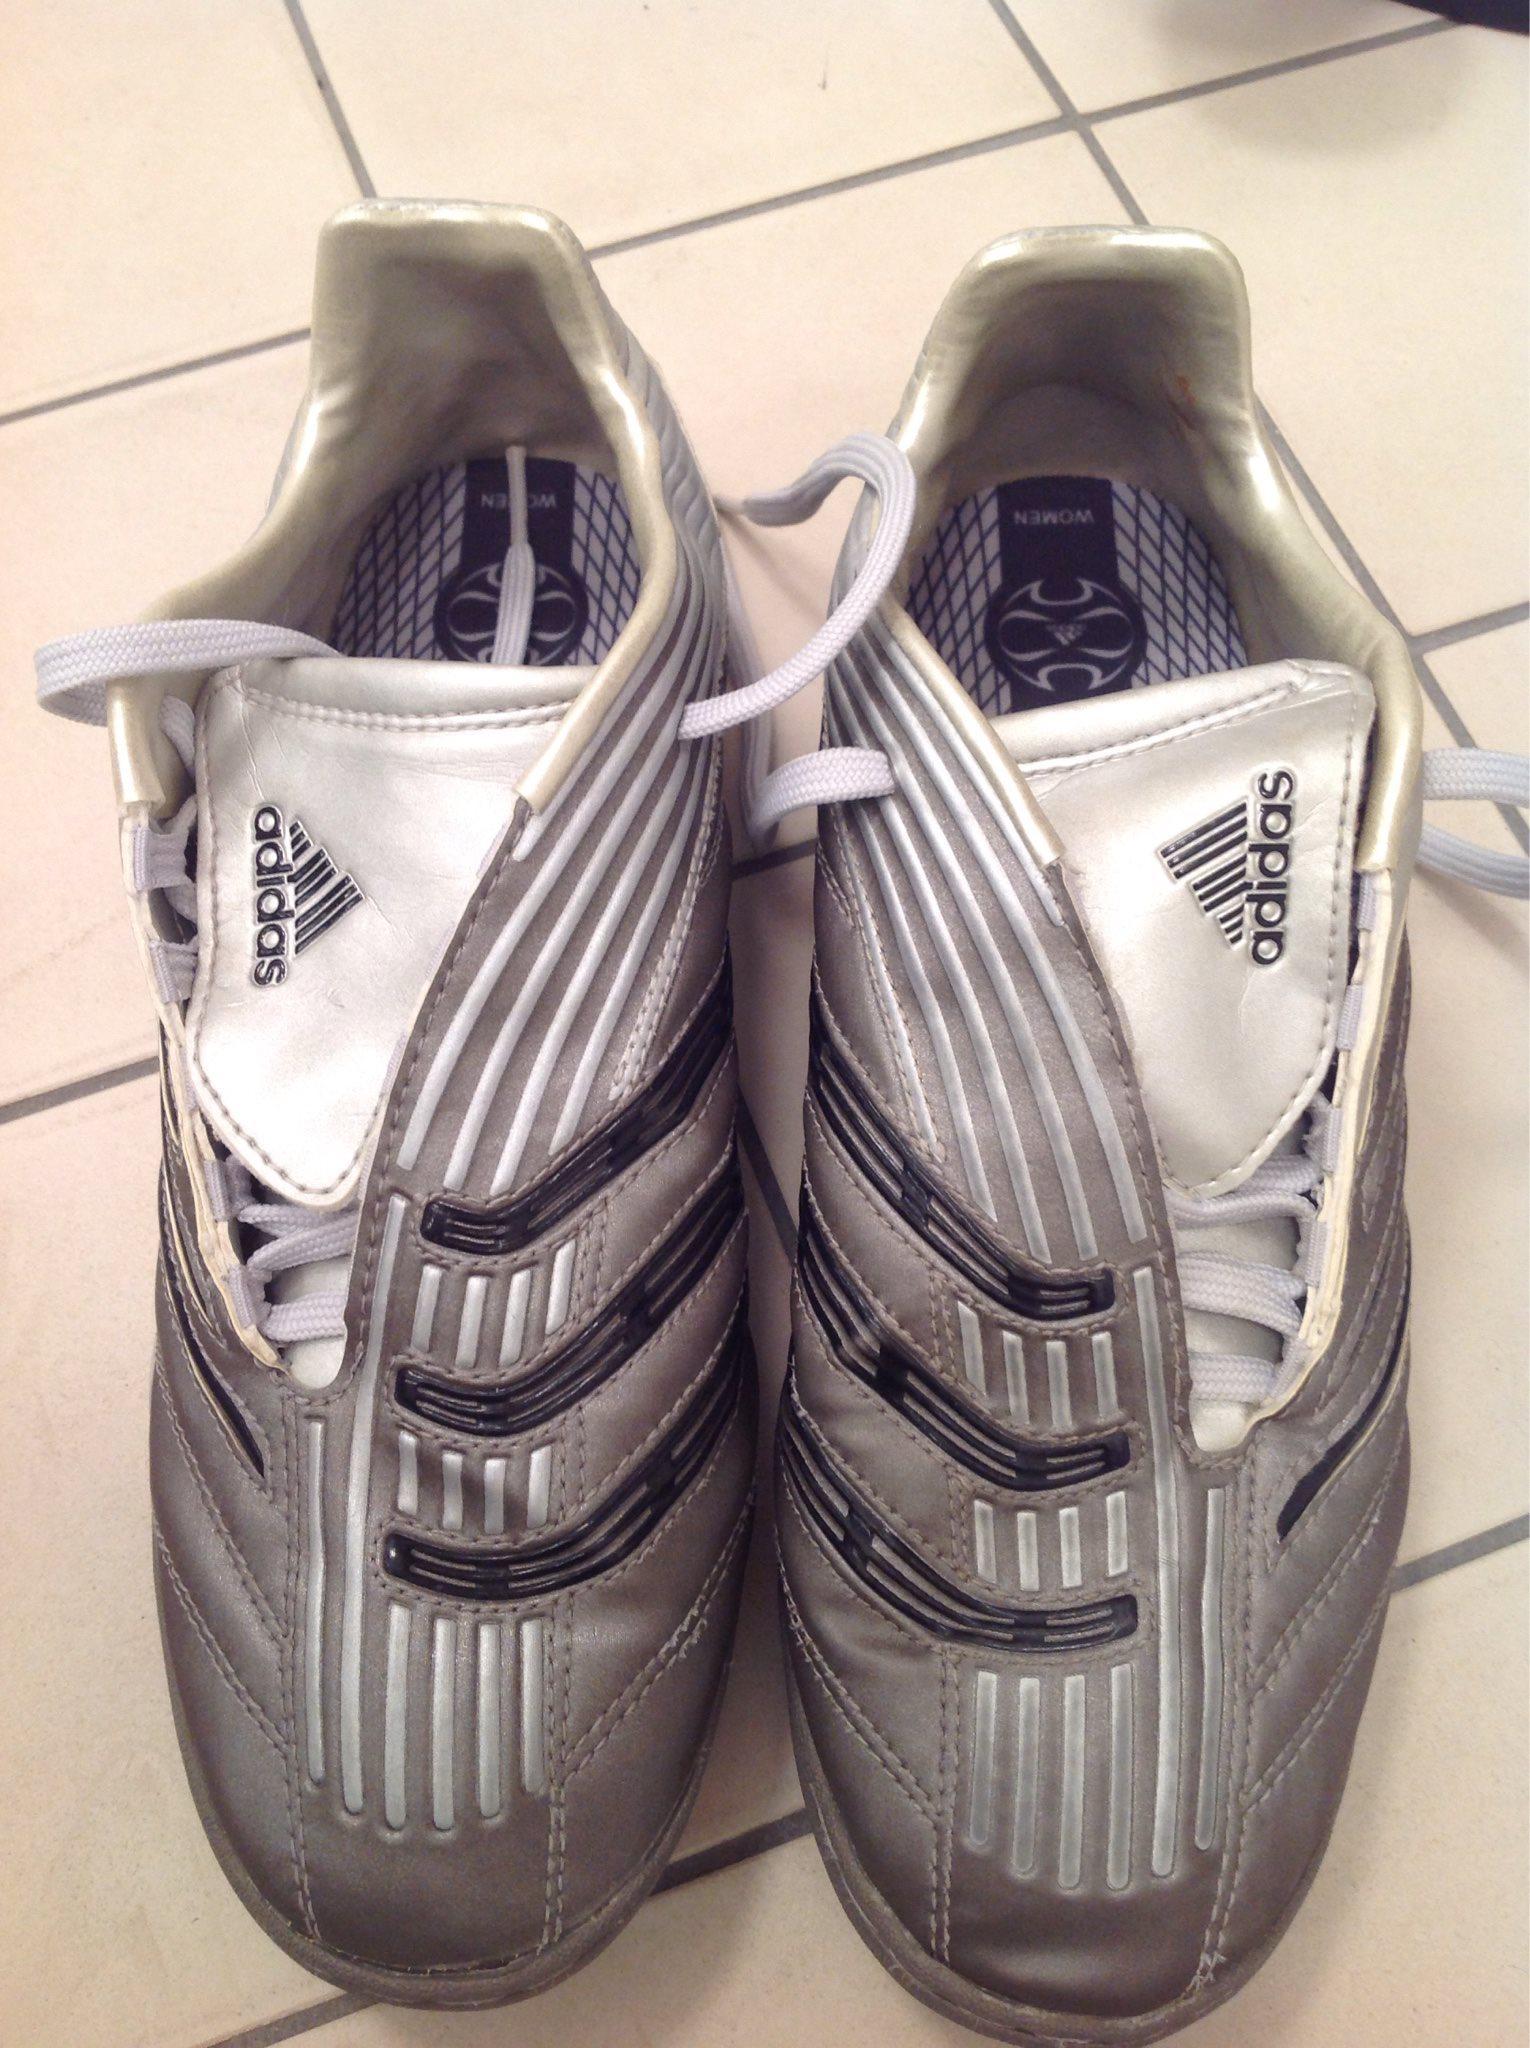 dd928adae80e60 Adidas Traxion Turf Fotboll skor